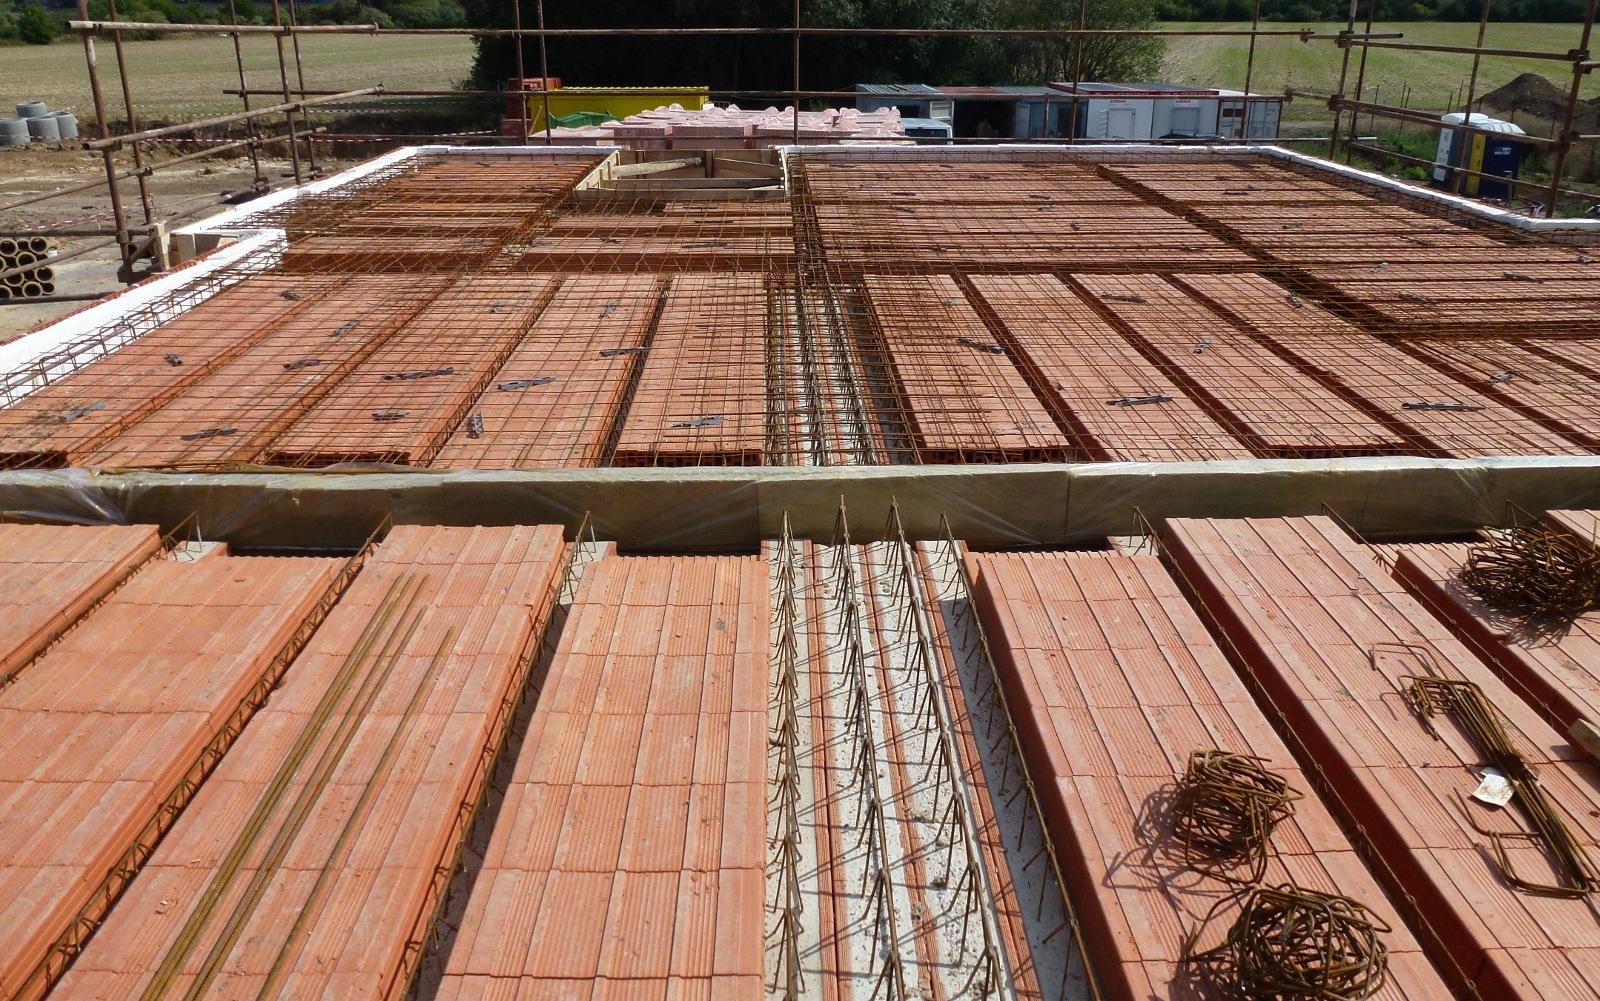 2015-08-25 Miako strop je připravený k betonování